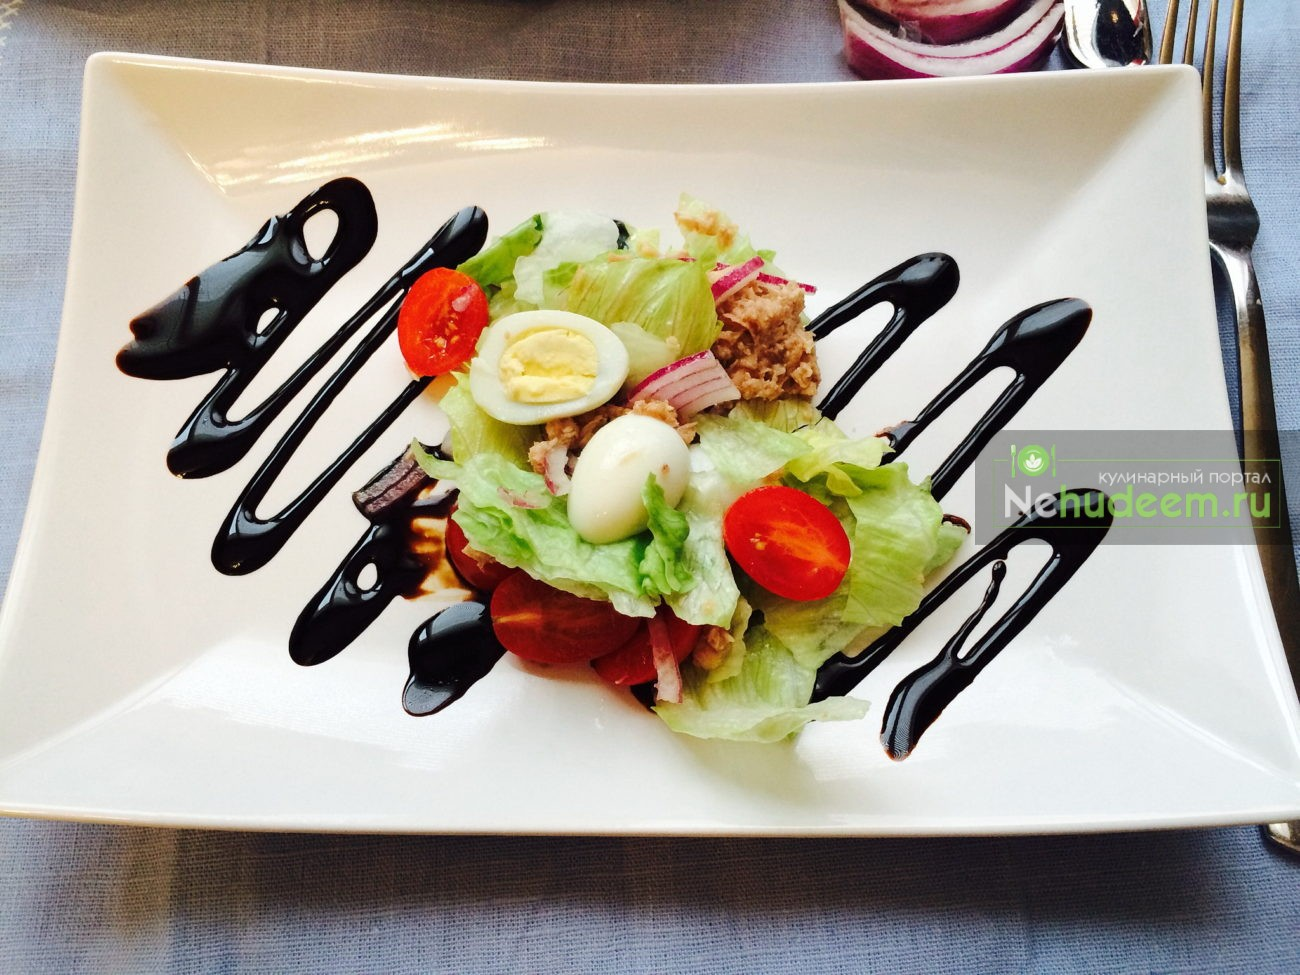 Топ рыбных салатов, которые заслуживают внимание